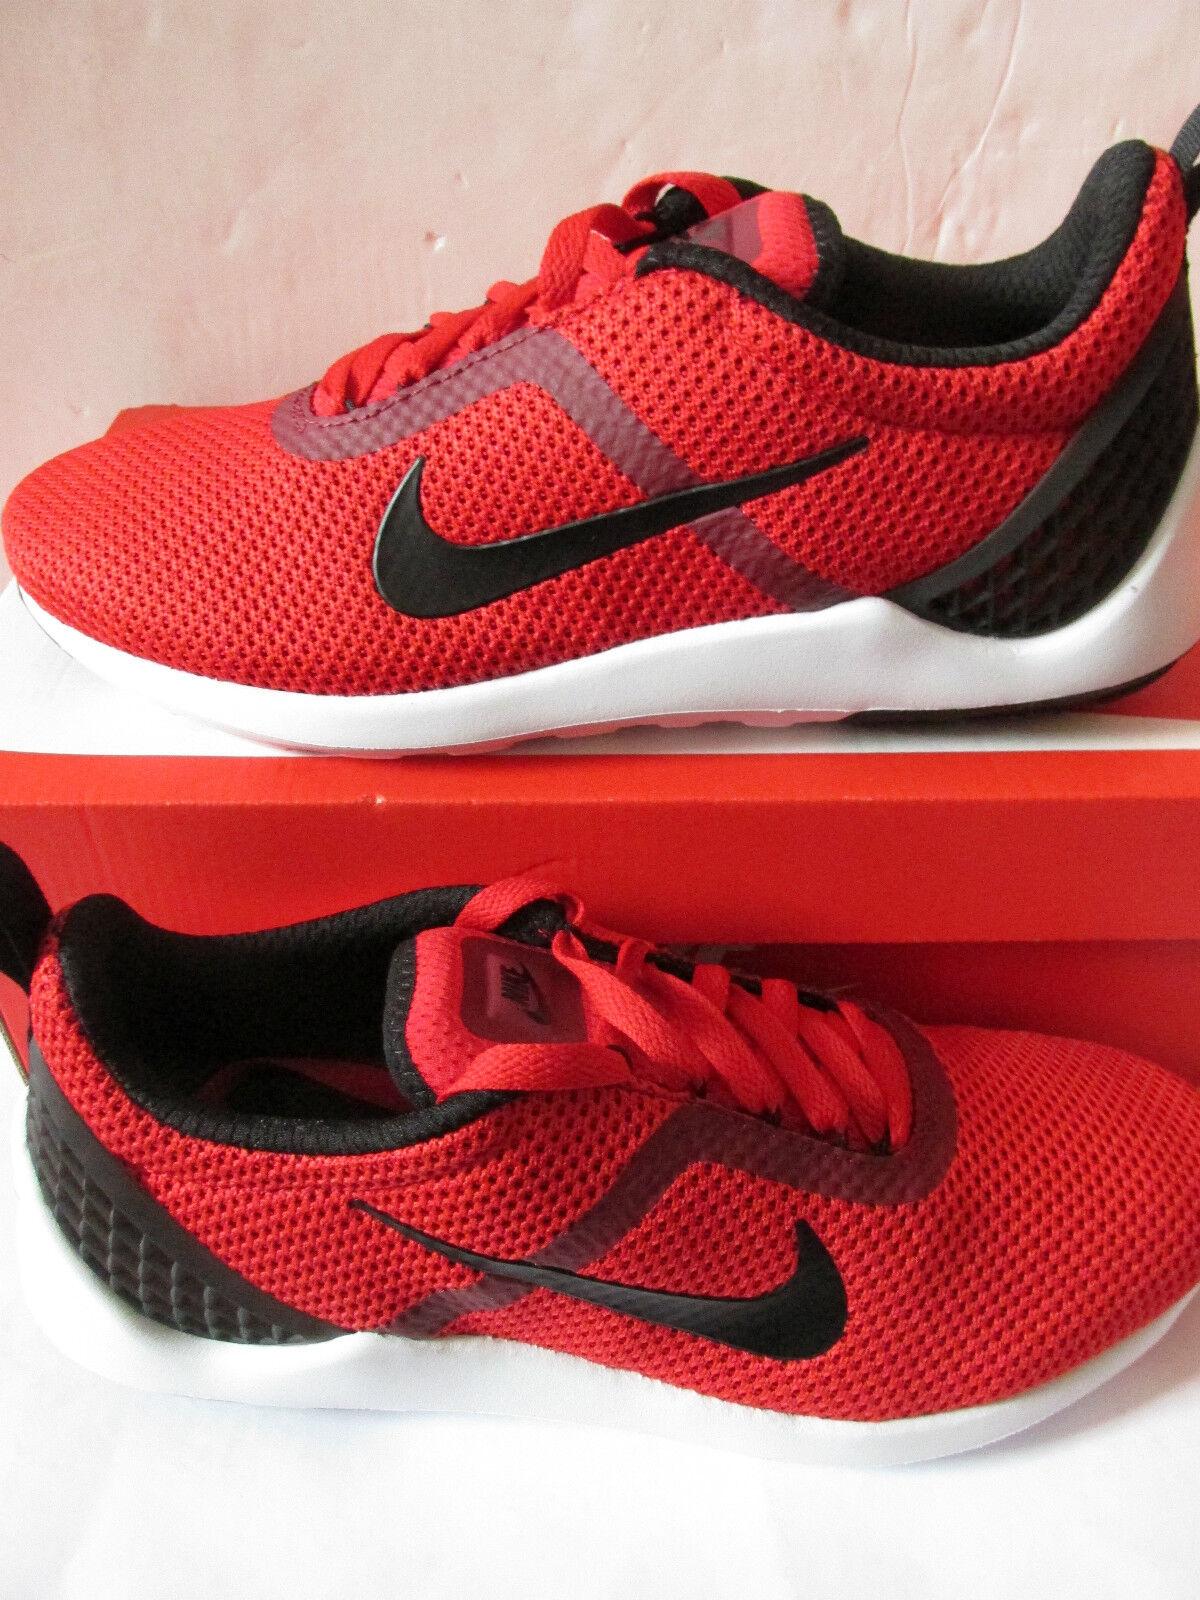 Nike lunarestoa 2 esencial hombre zapatillas correndo 811372 600 zapatillas